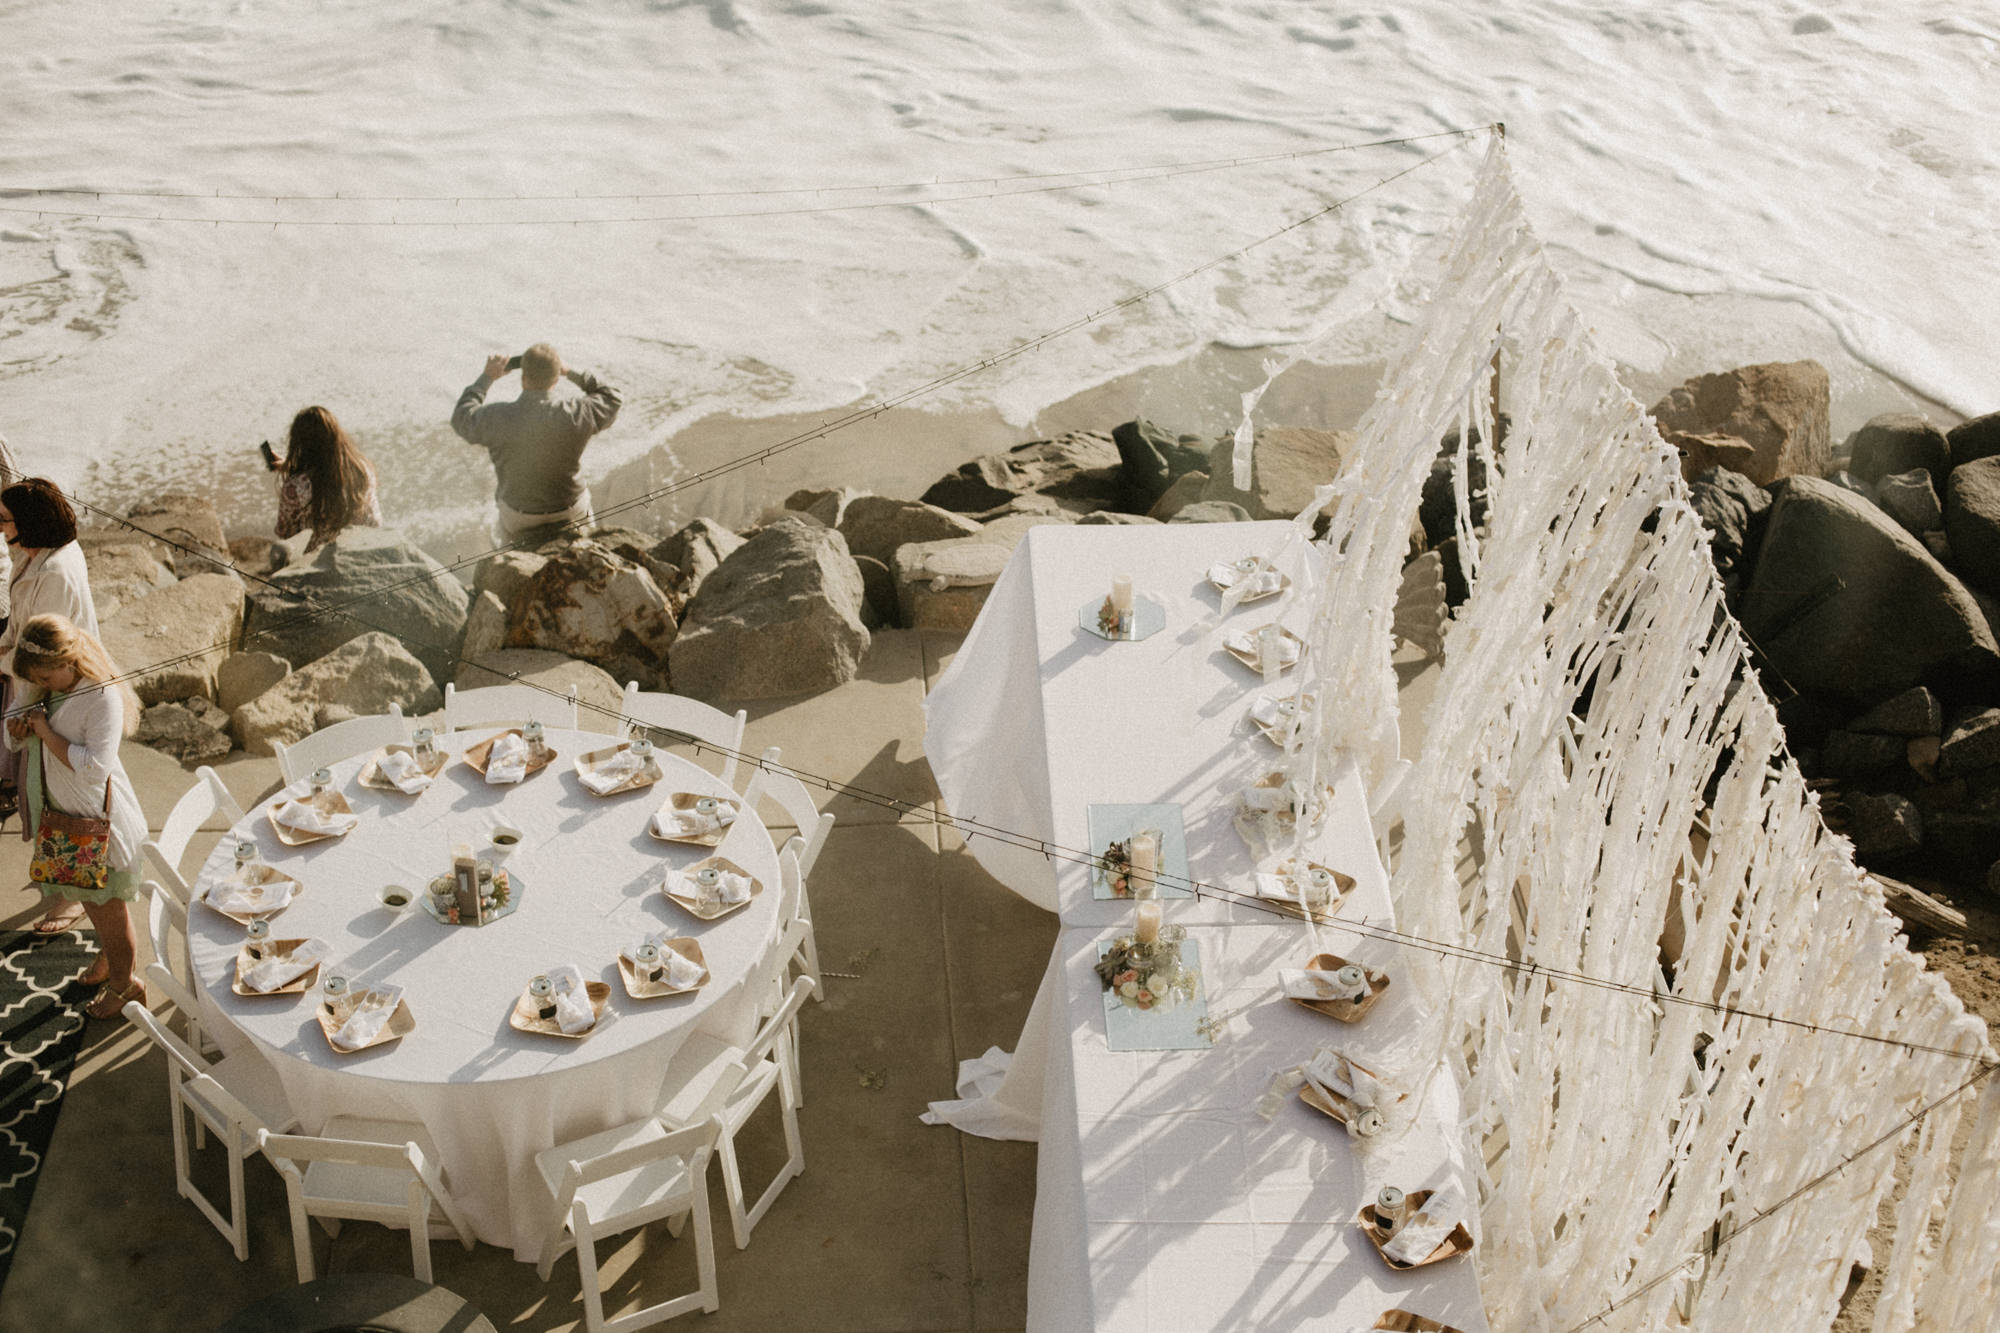 oceanside_airbnb_wedding-42.jpg